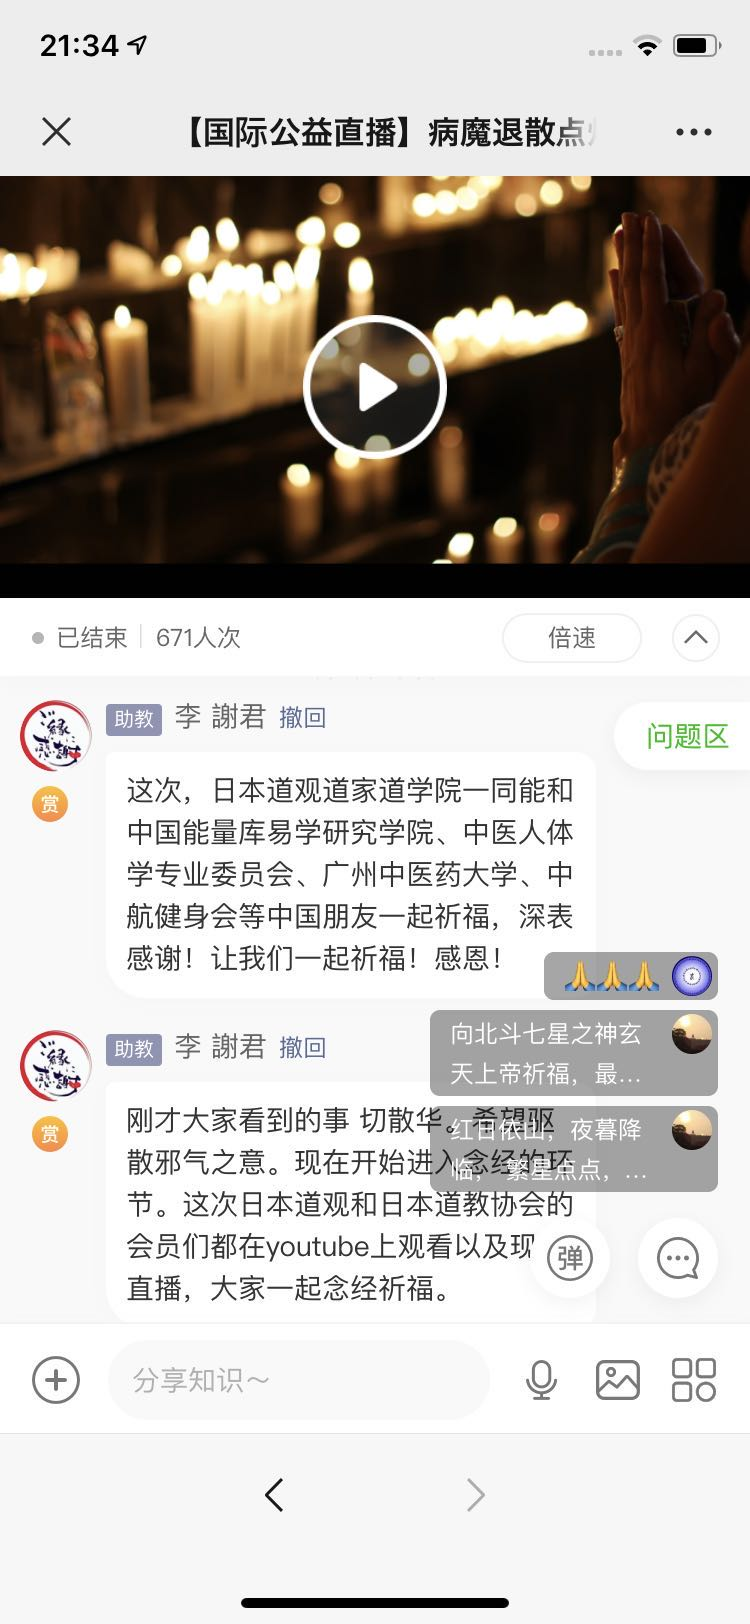 中国・日本・世界応援!健康回復・病魔退散 点灯祈福のご法要を厳修